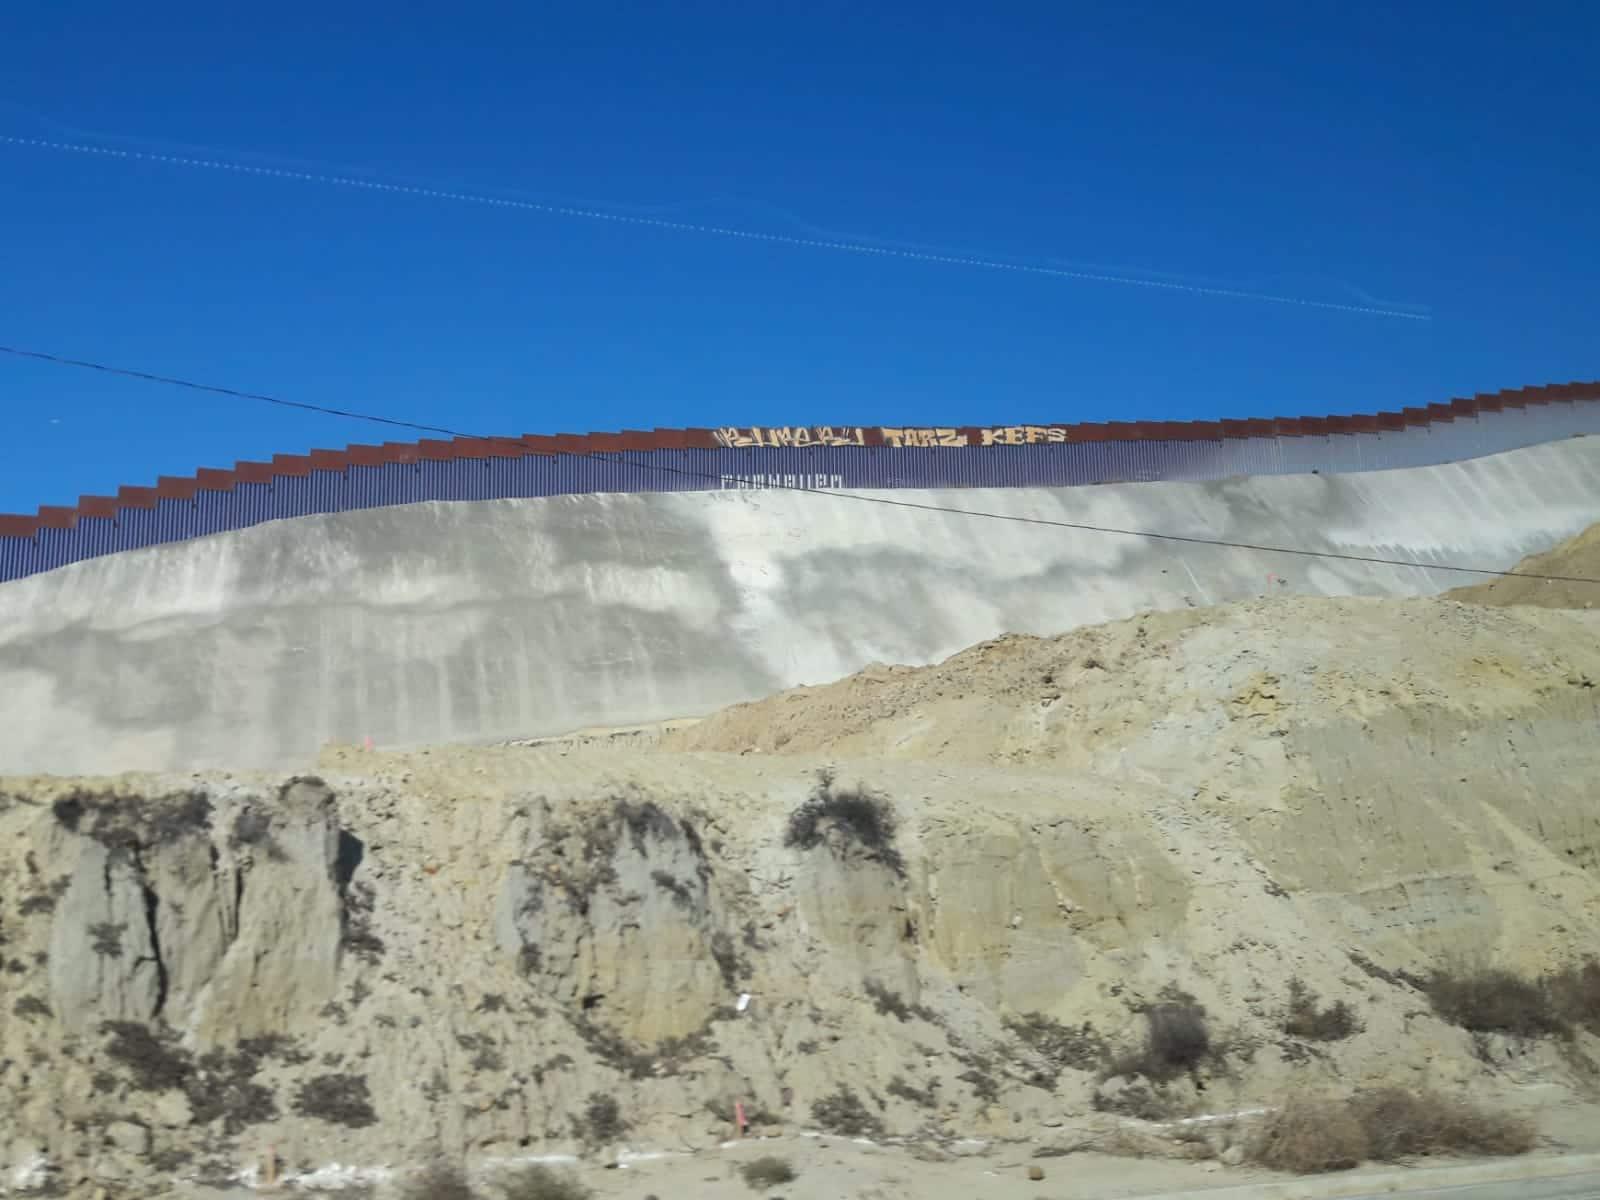 Meksikos ir JAV siena ties Tichuana. Sonios Antinori nuotraukos